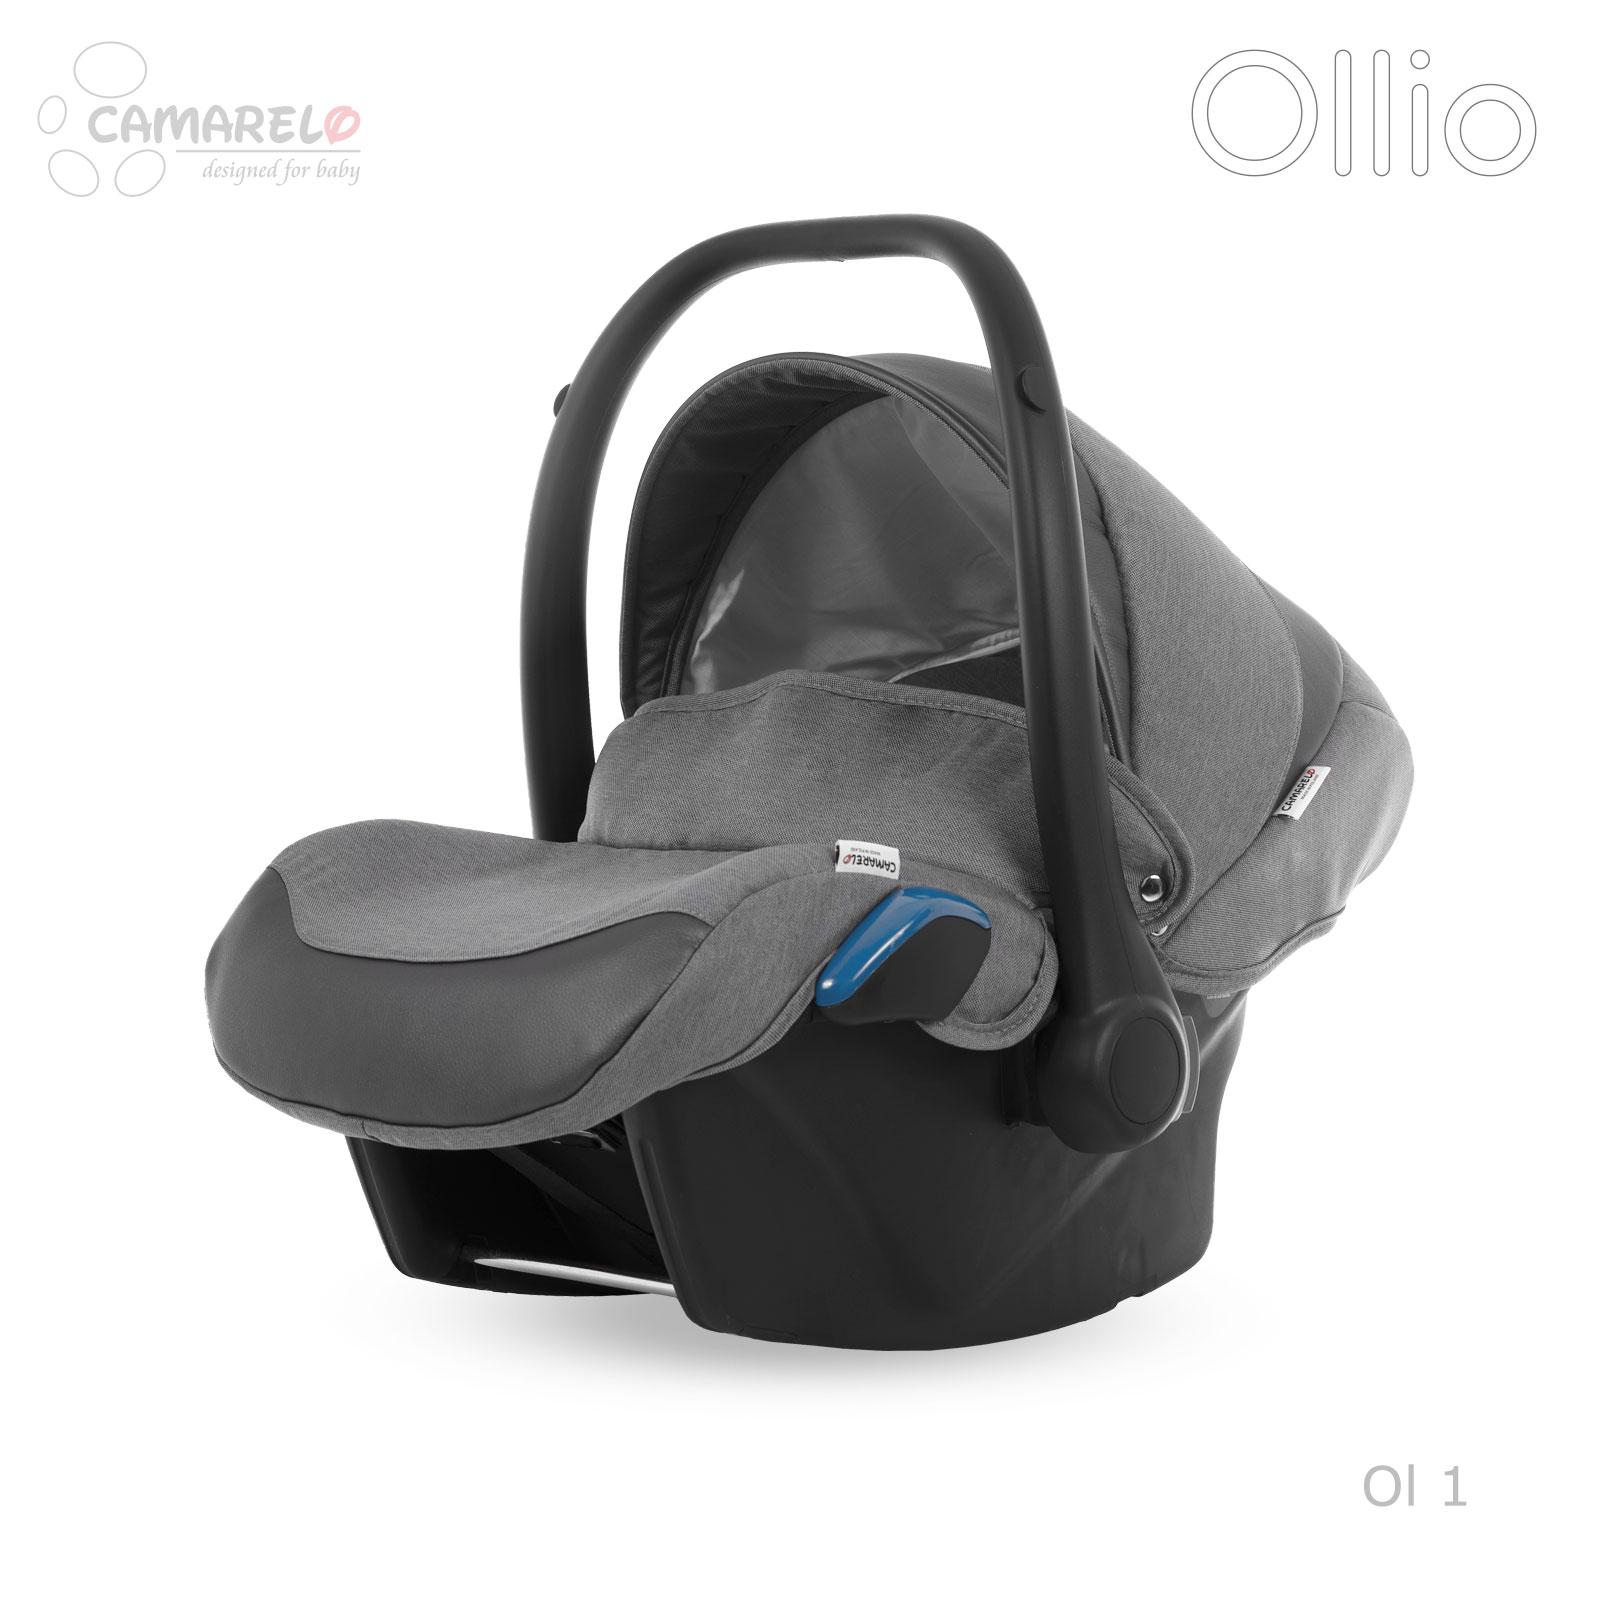 Ollio-1-12